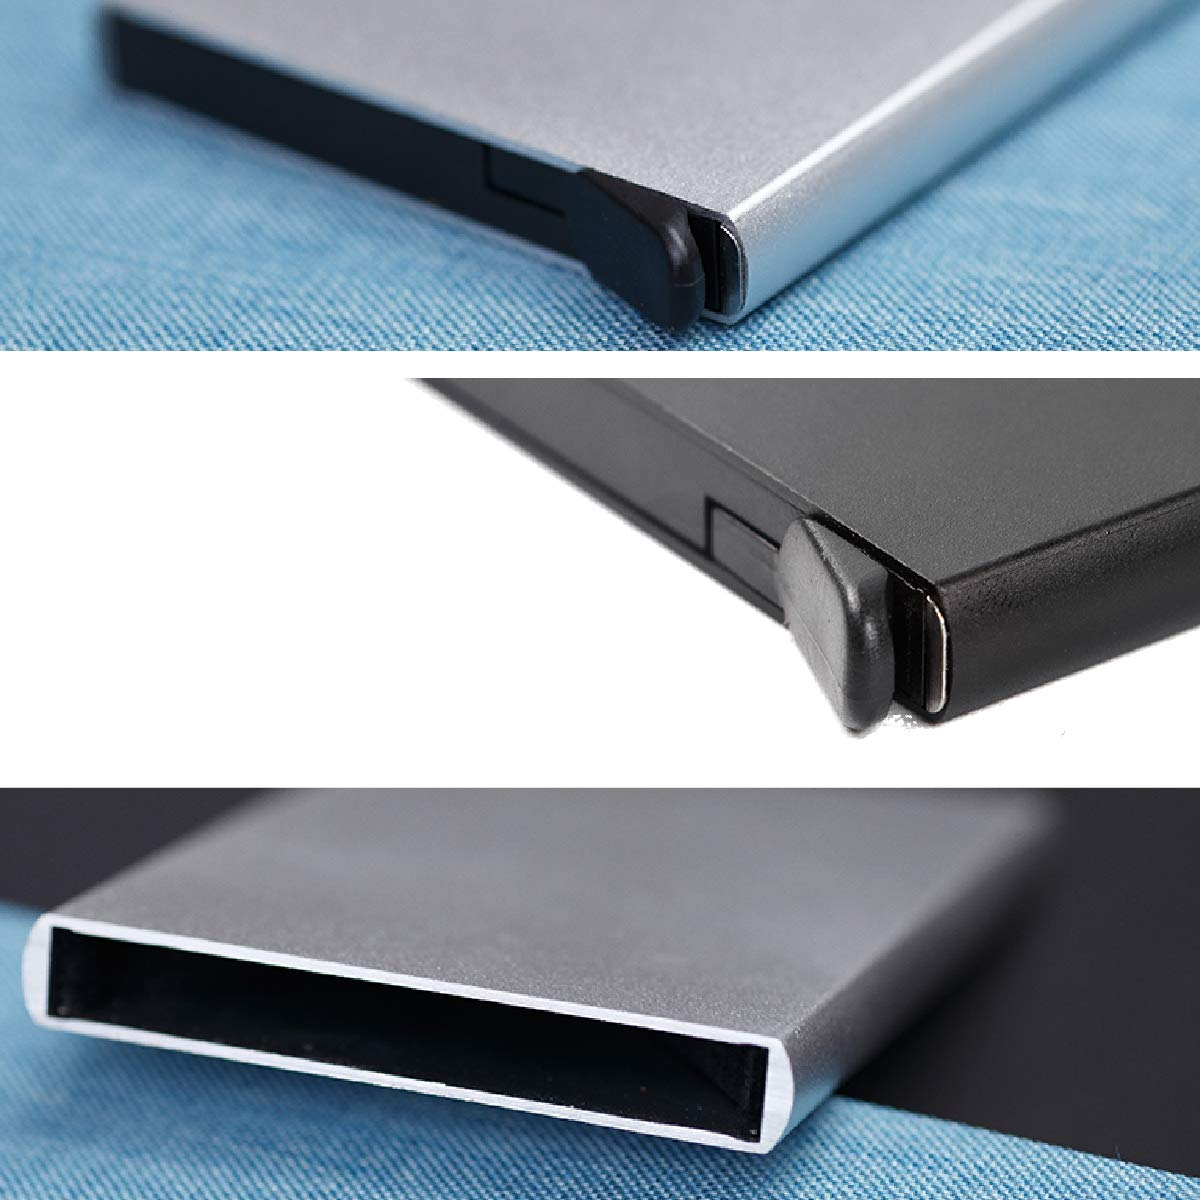 ... la tarjeta de crédito del bloqueo del RFID - Tenedor de la tarjeta de crédito de la cartera delgada de aluminio (Verde): Amazon.es: Oficina y papelería